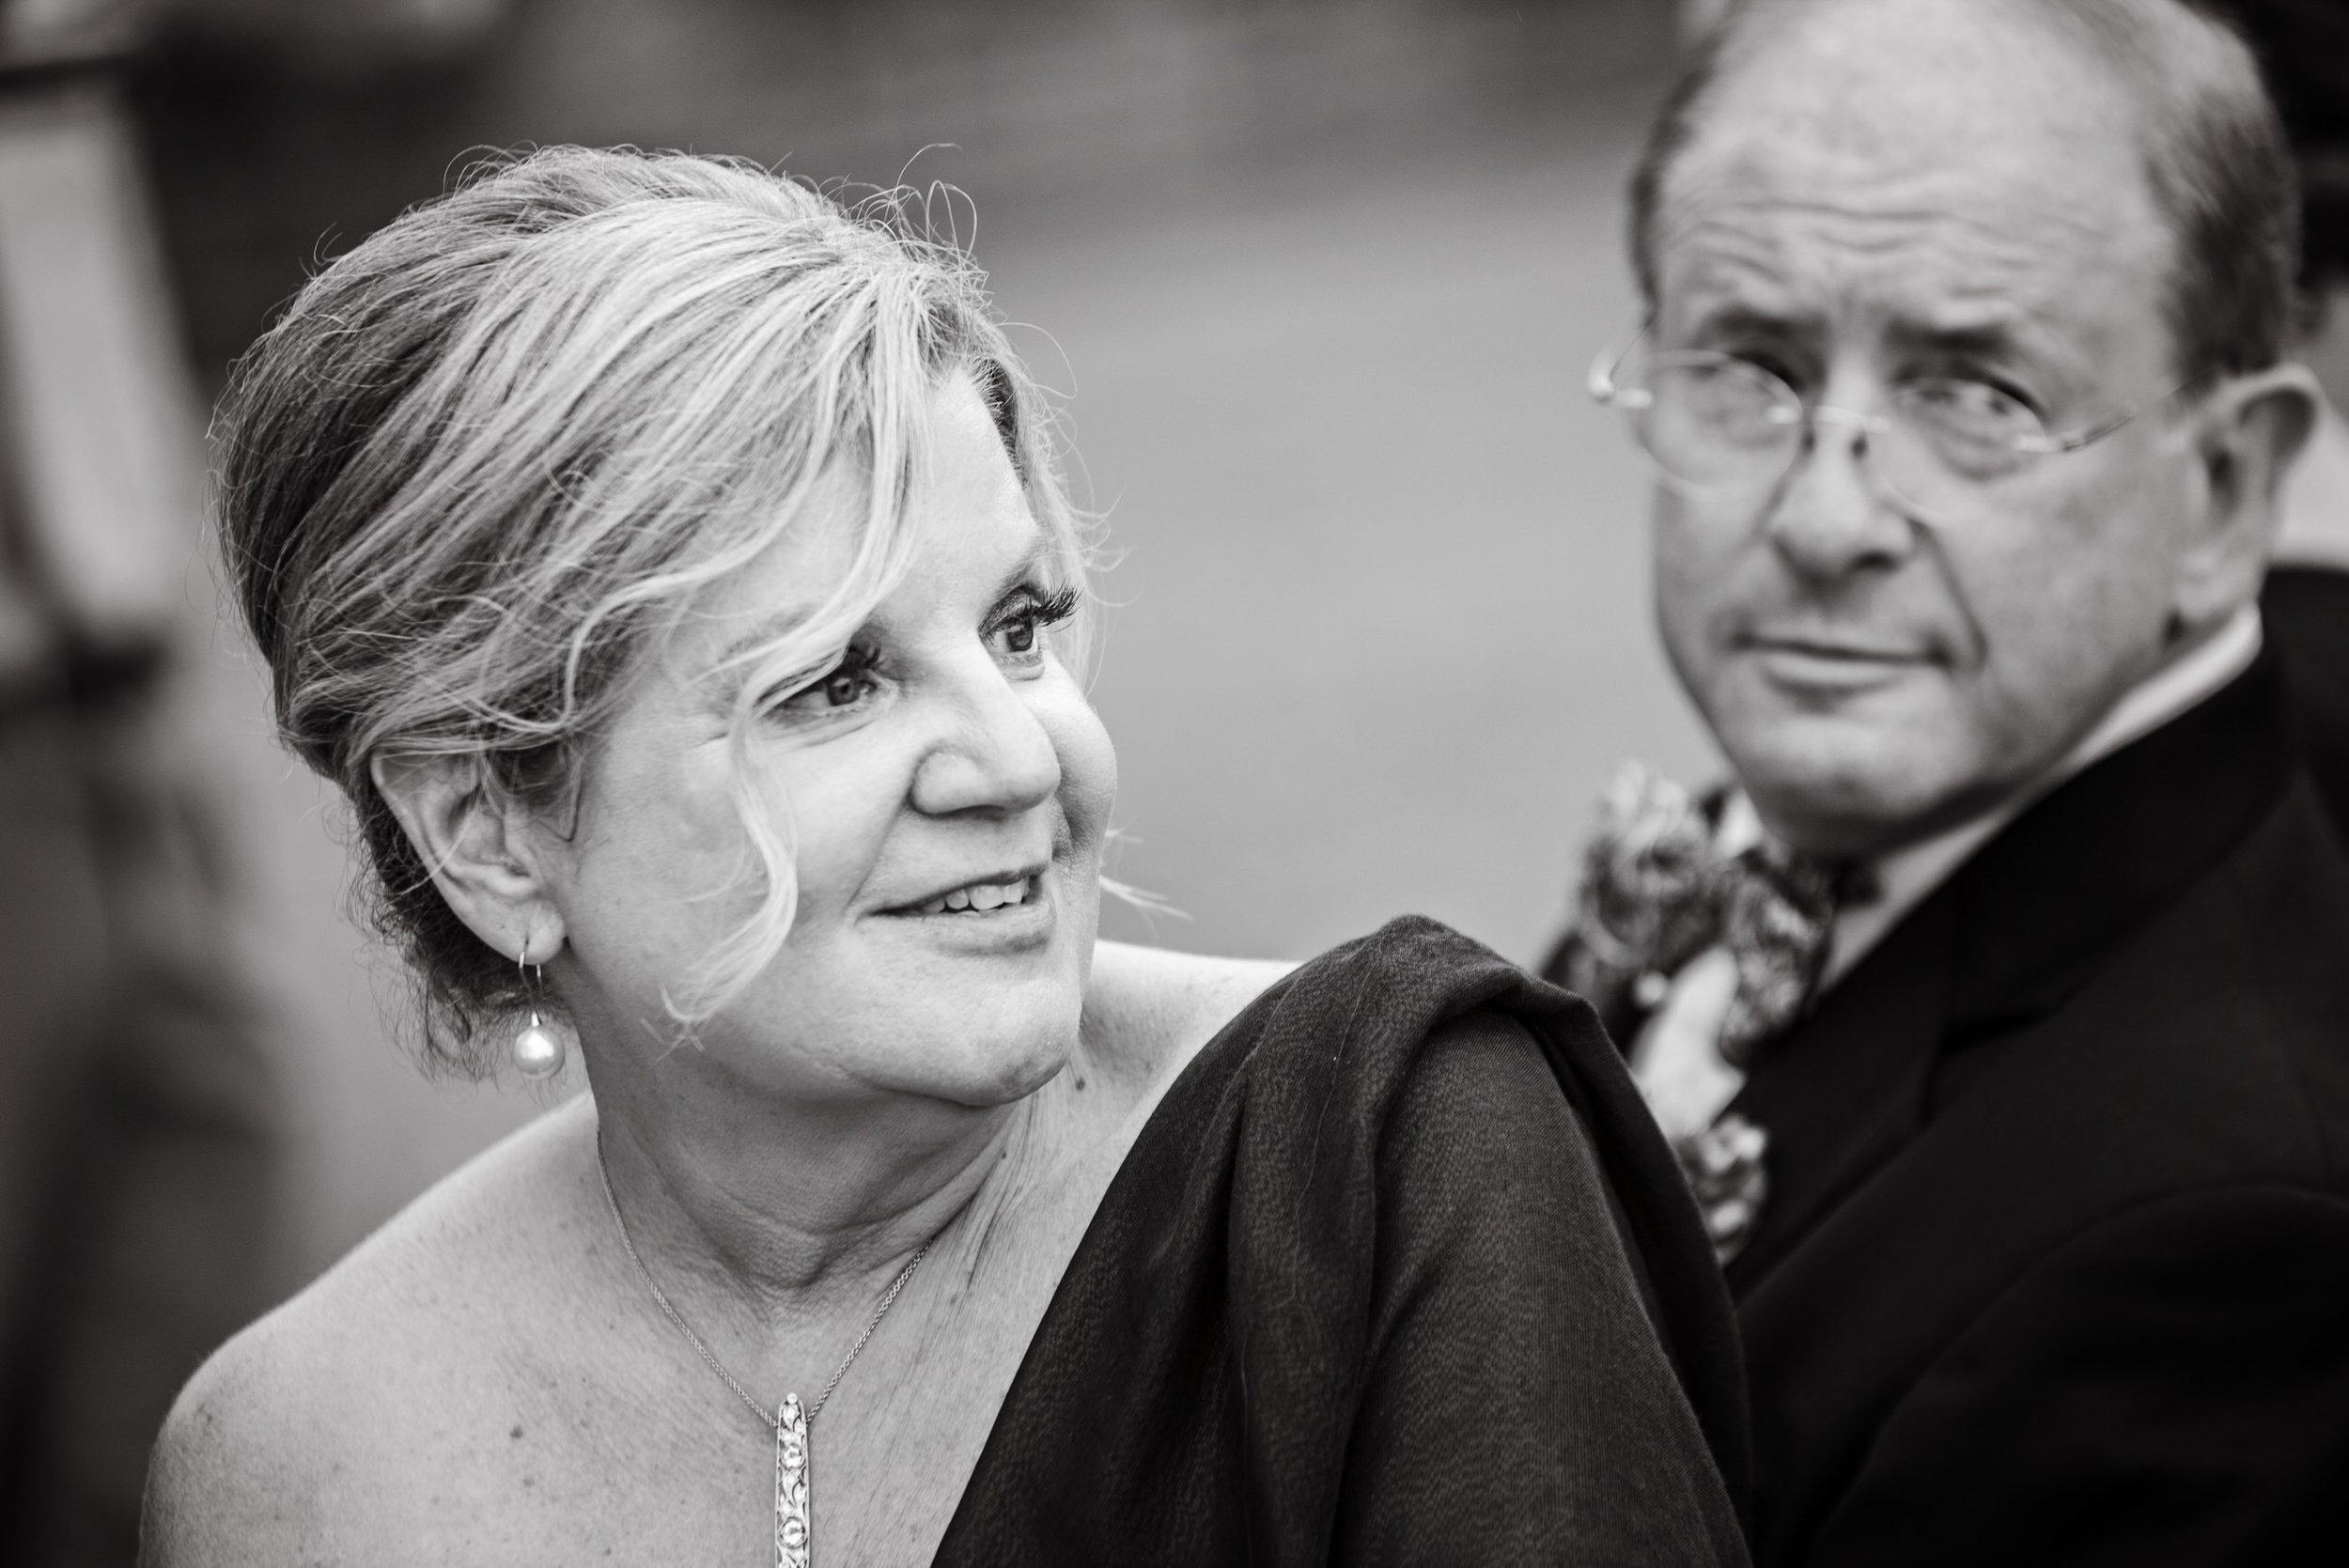 WalkersOverlookWedding-Angela&Ben-Ceremony-10.jpg